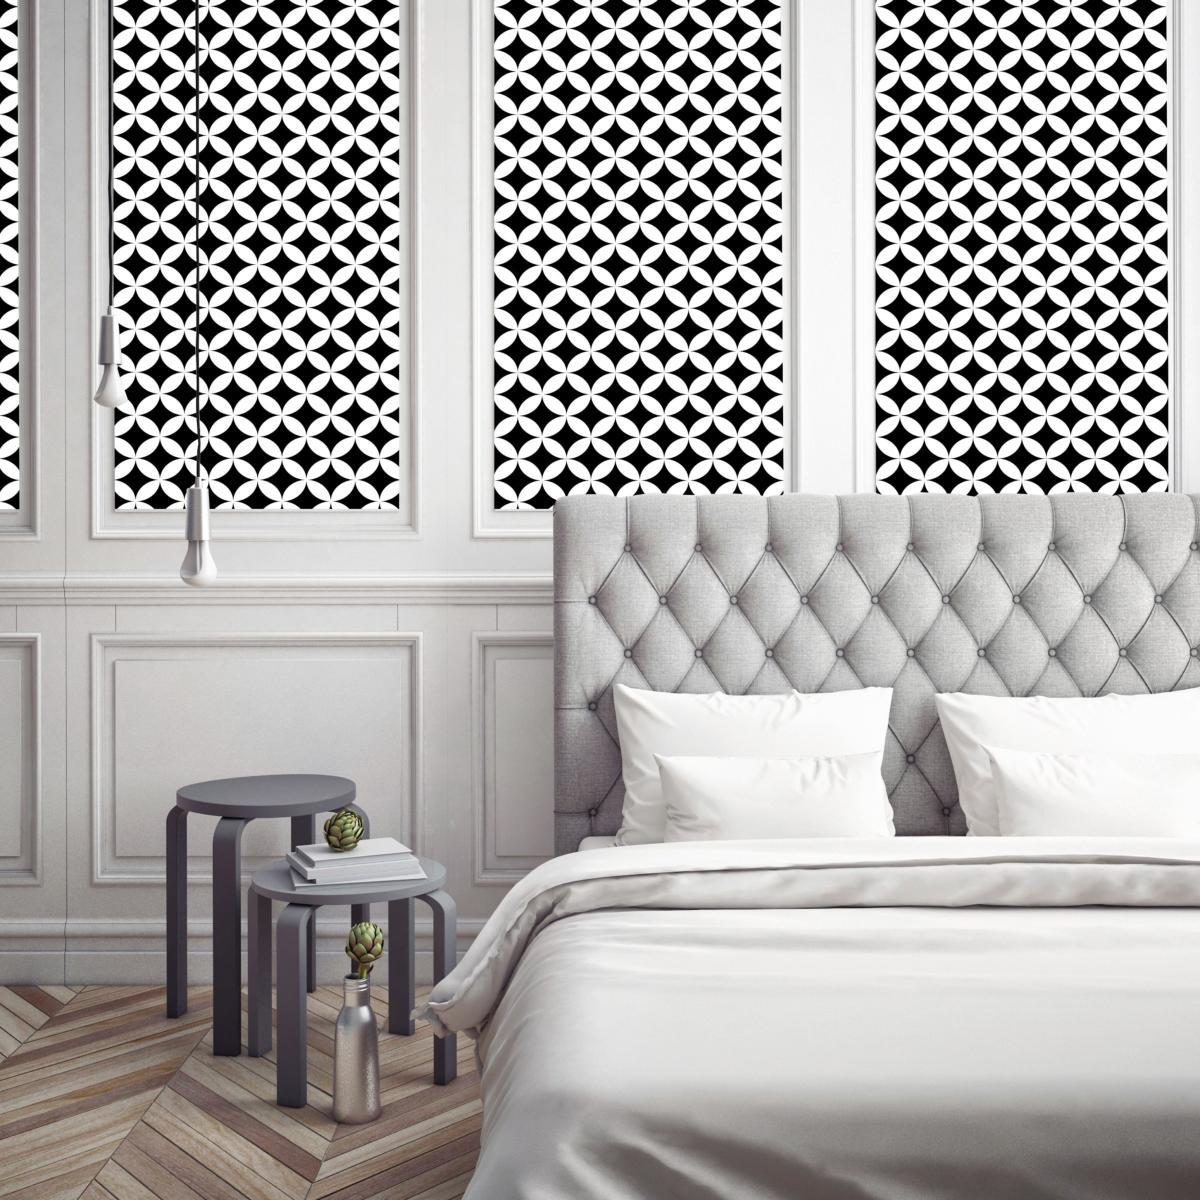 papier peint carreaux de ciment louison noir l. Black Bedroom Furniture Sets. Home Design Ideas